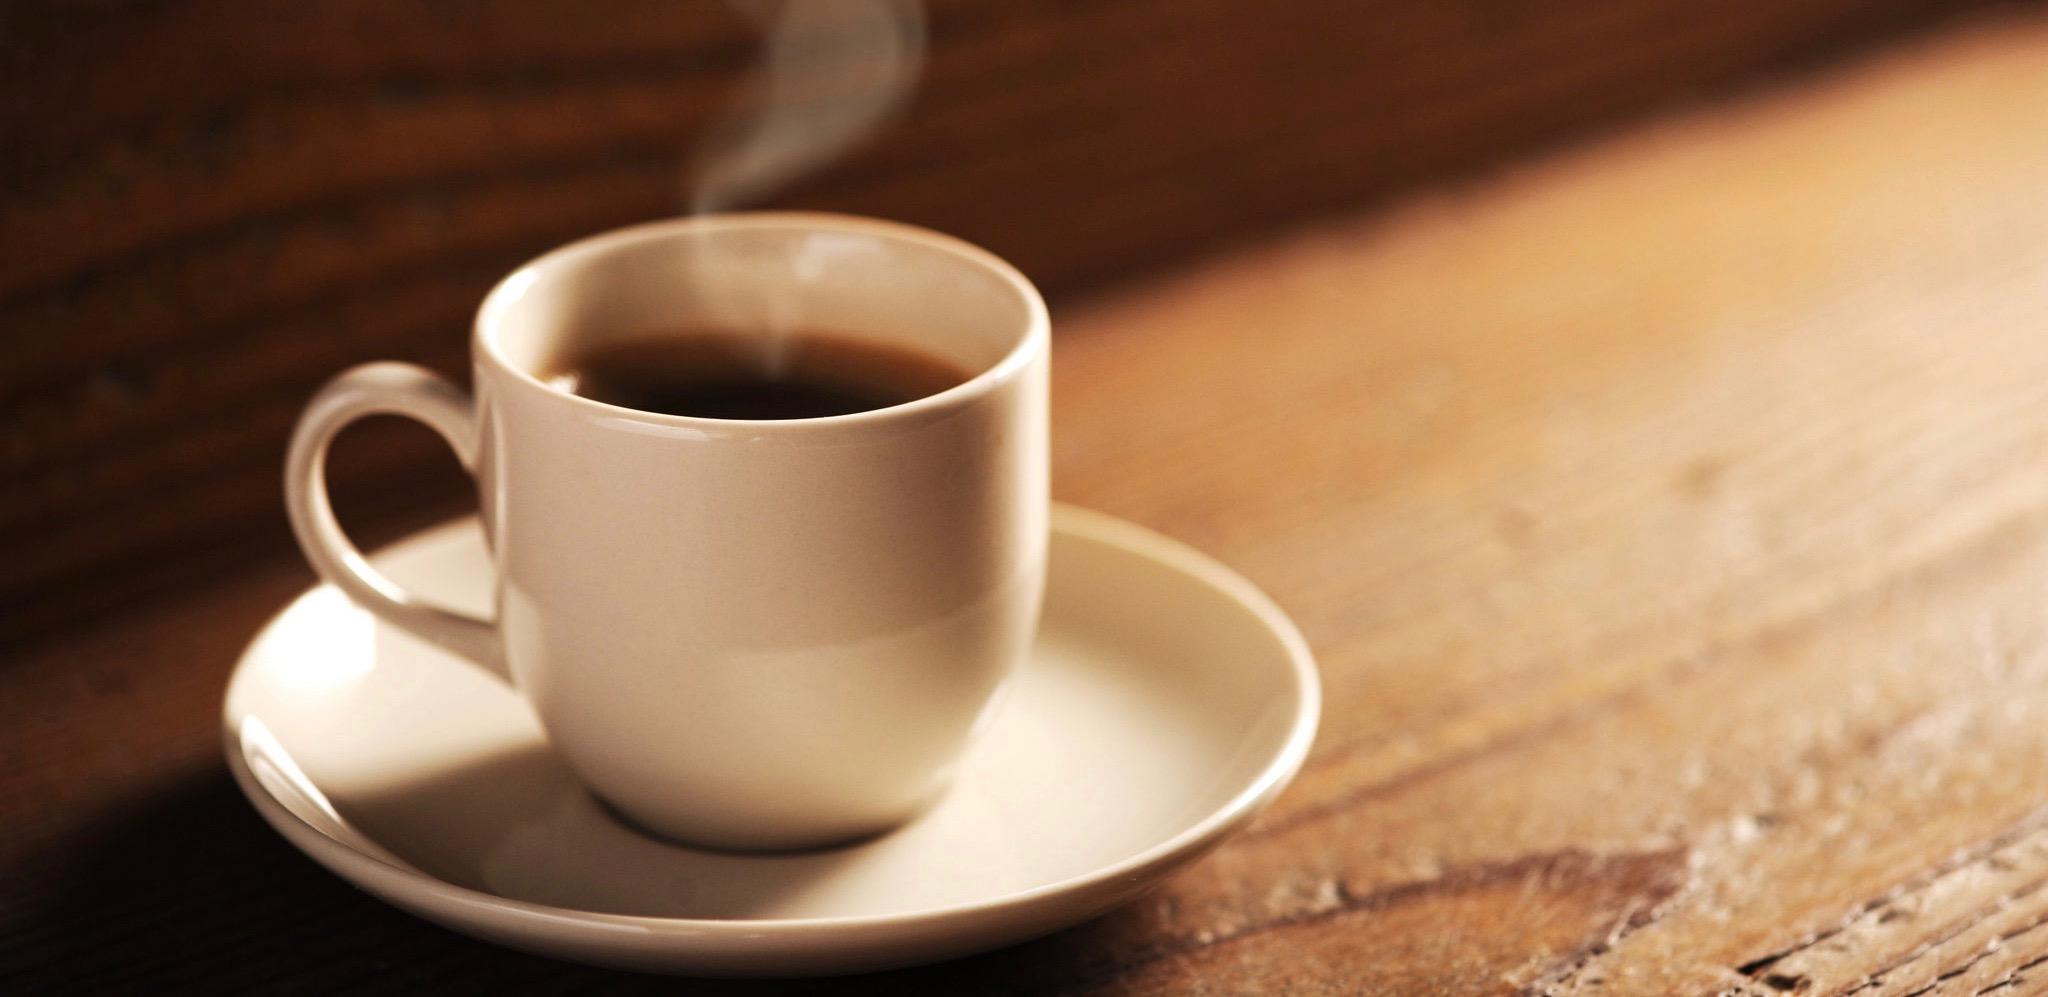 Mmmm coffee...